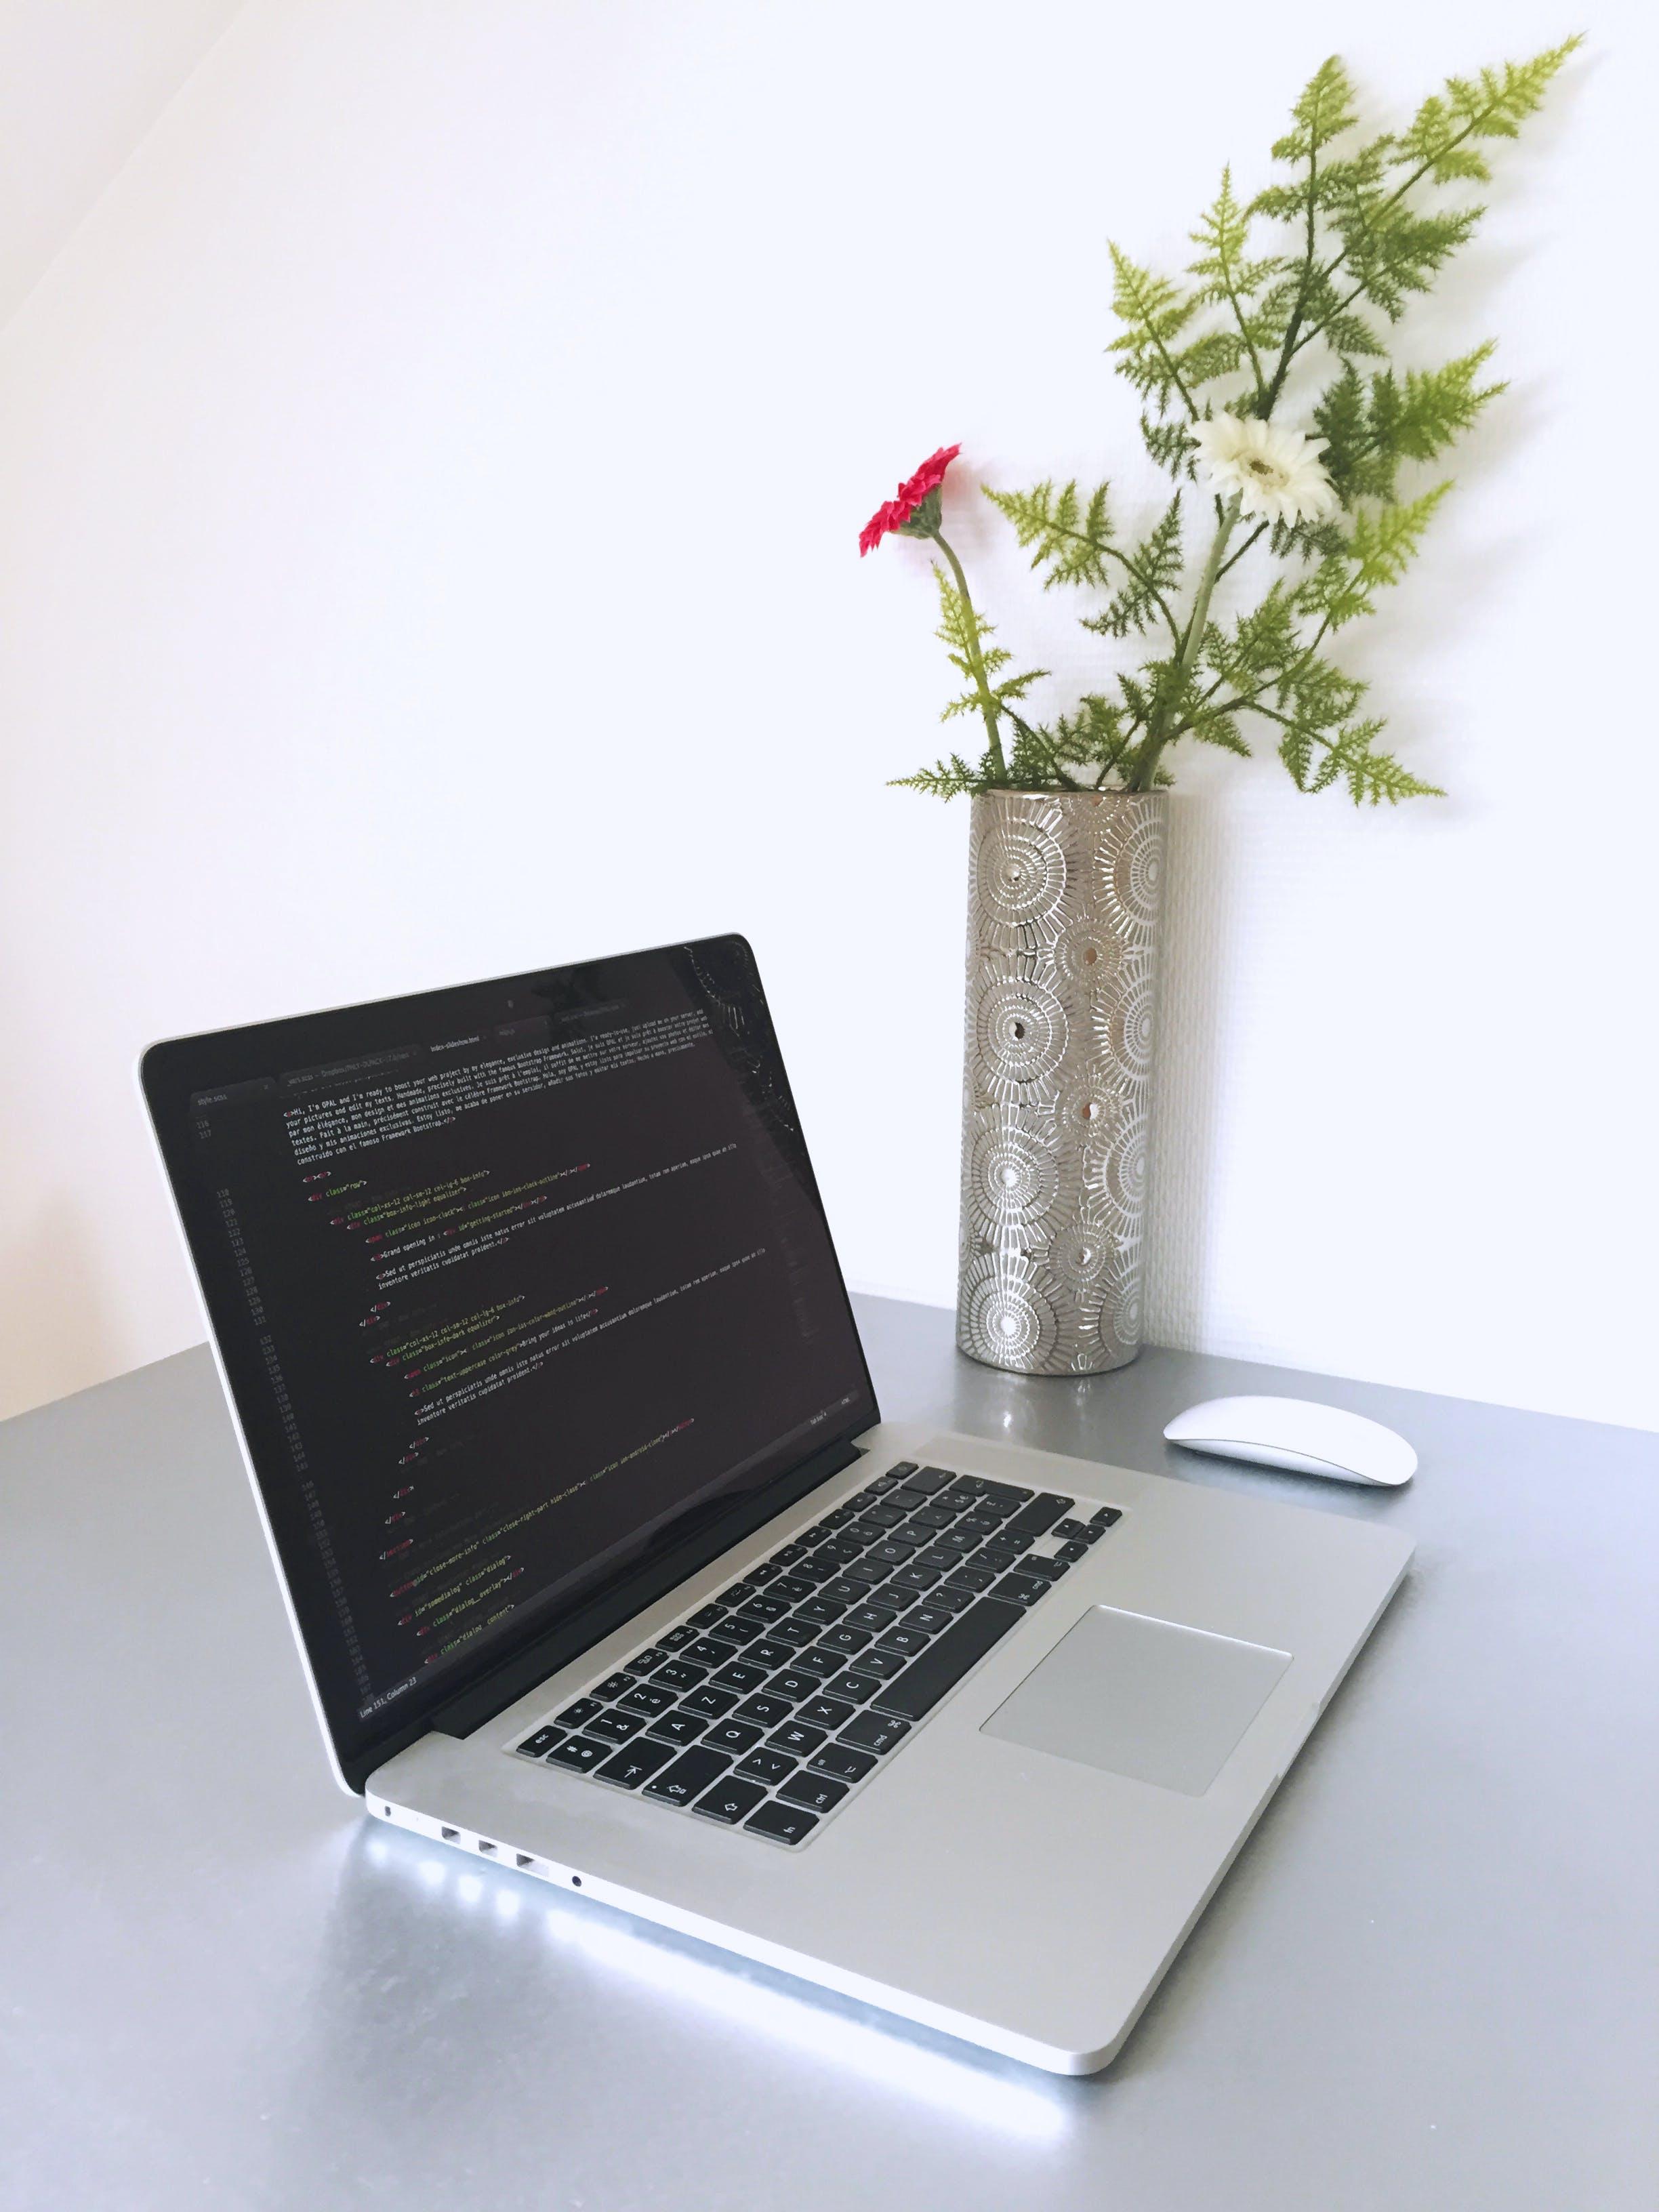 kod, kodowanie, laptop